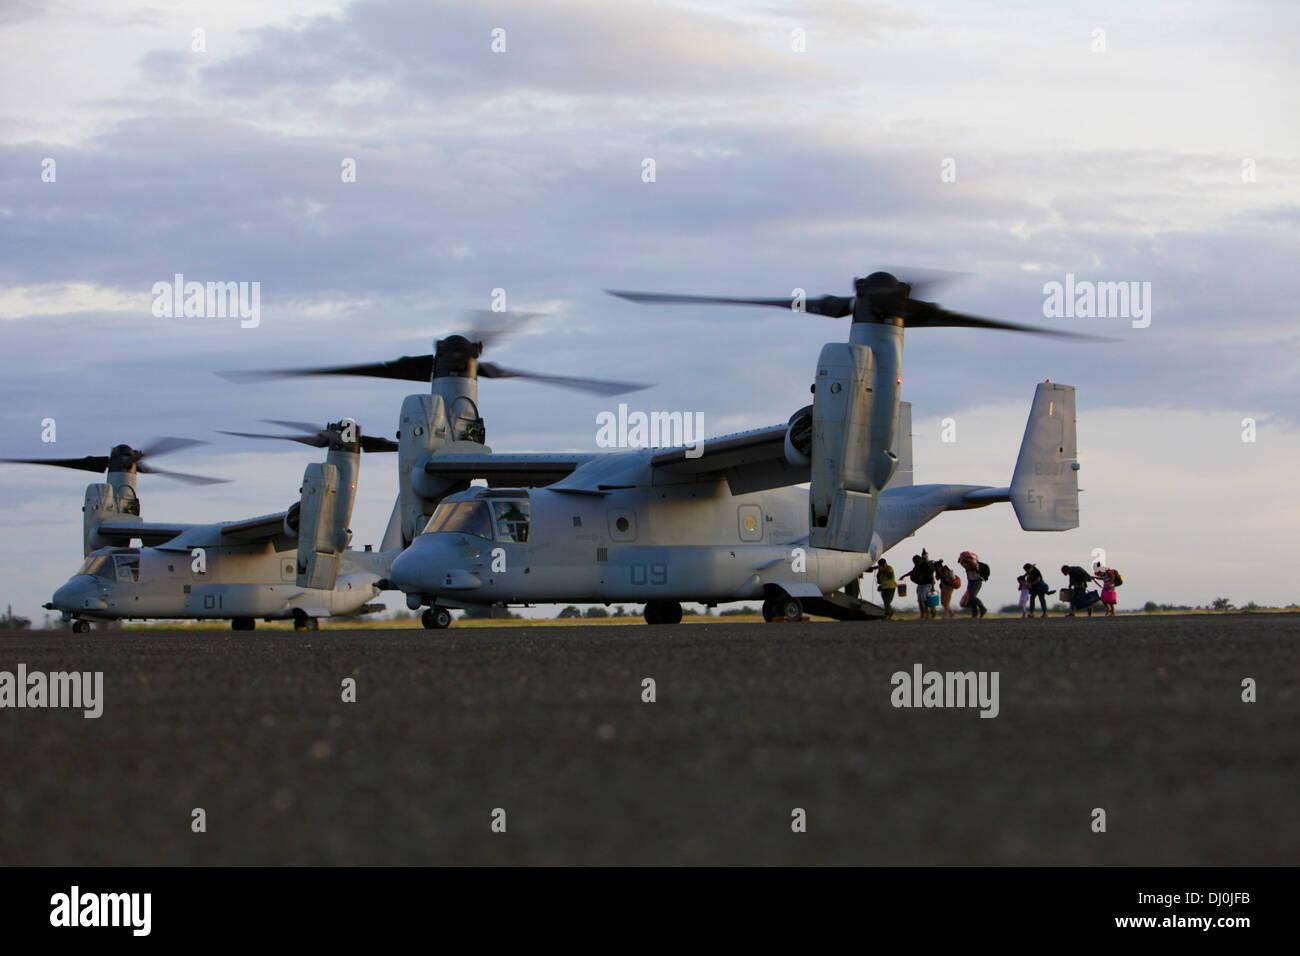 Philippinische Bürger an Bord ein MV-22 Osprey in Tacloban Air Base, am 16. November im Rahmen der Operation Damayan. Der Fischadler bietet eine einzigartige Fähigkeit in dieser Art von Operation aufgrund seiner vertikalen Start und Landung Fähigkeiten und seine Fähigkeit, r konvertieren Stockbild